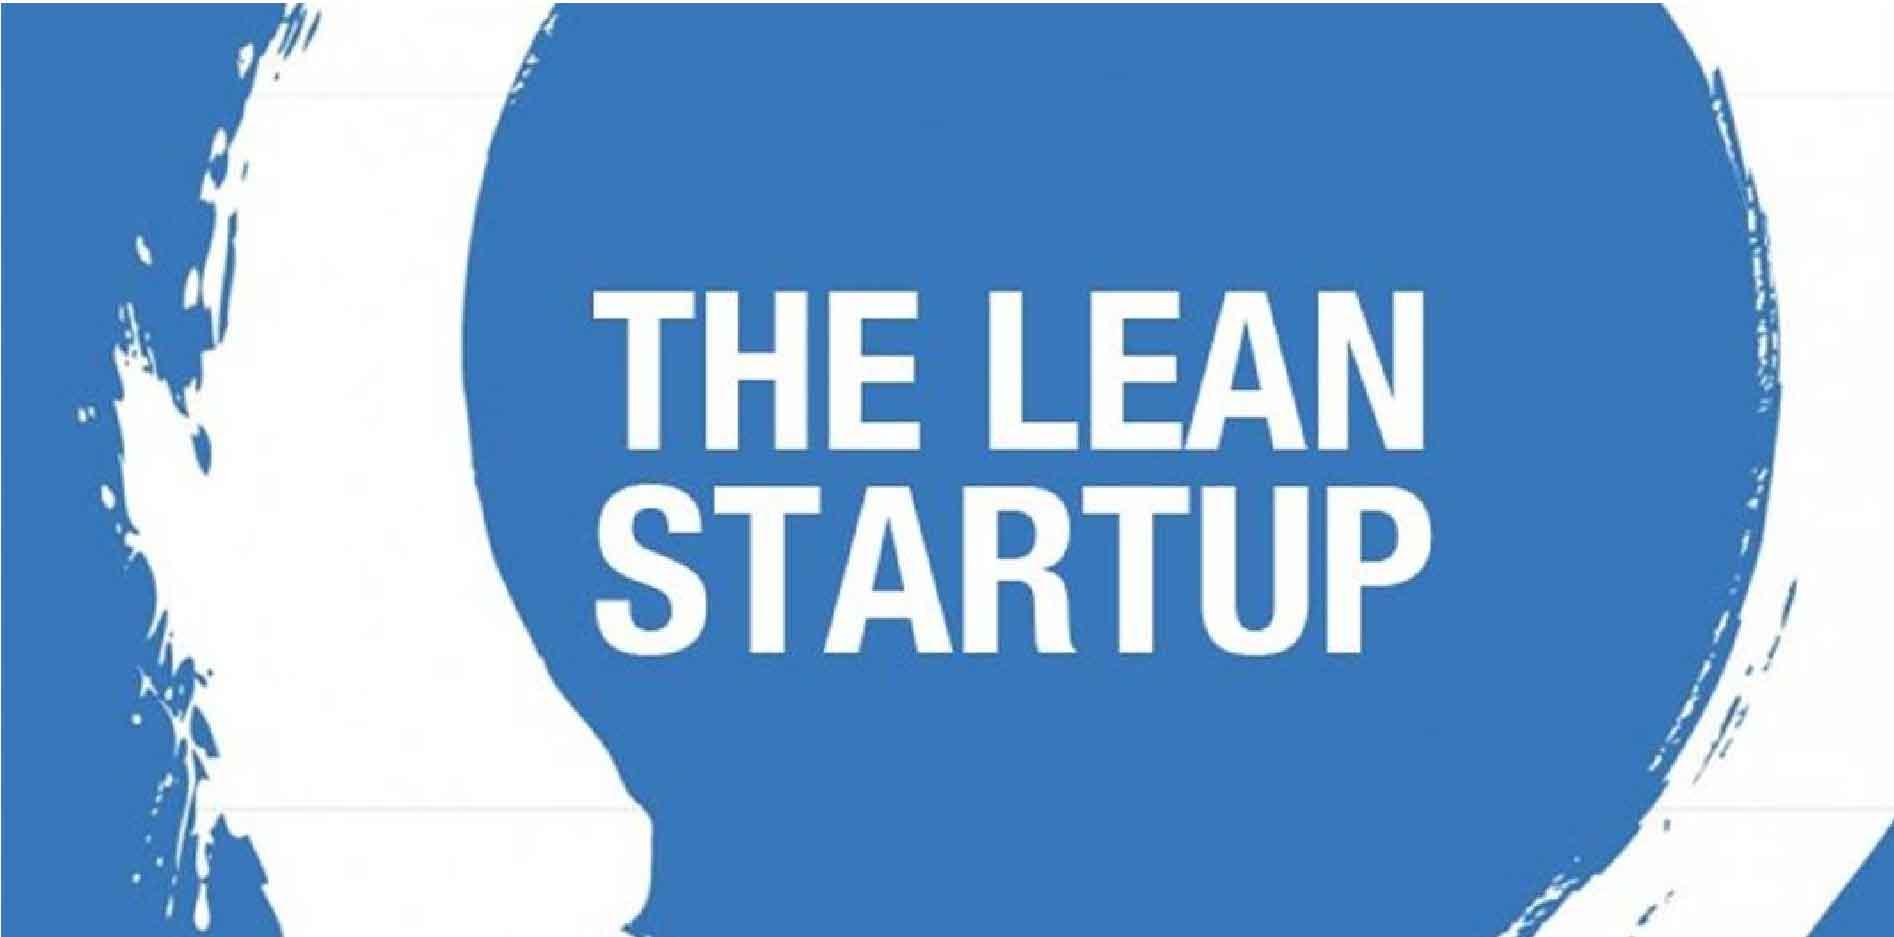 Khởi nghiệp tinh gọn Lean Startup và Mô hình Lean model canvas, Phần 1